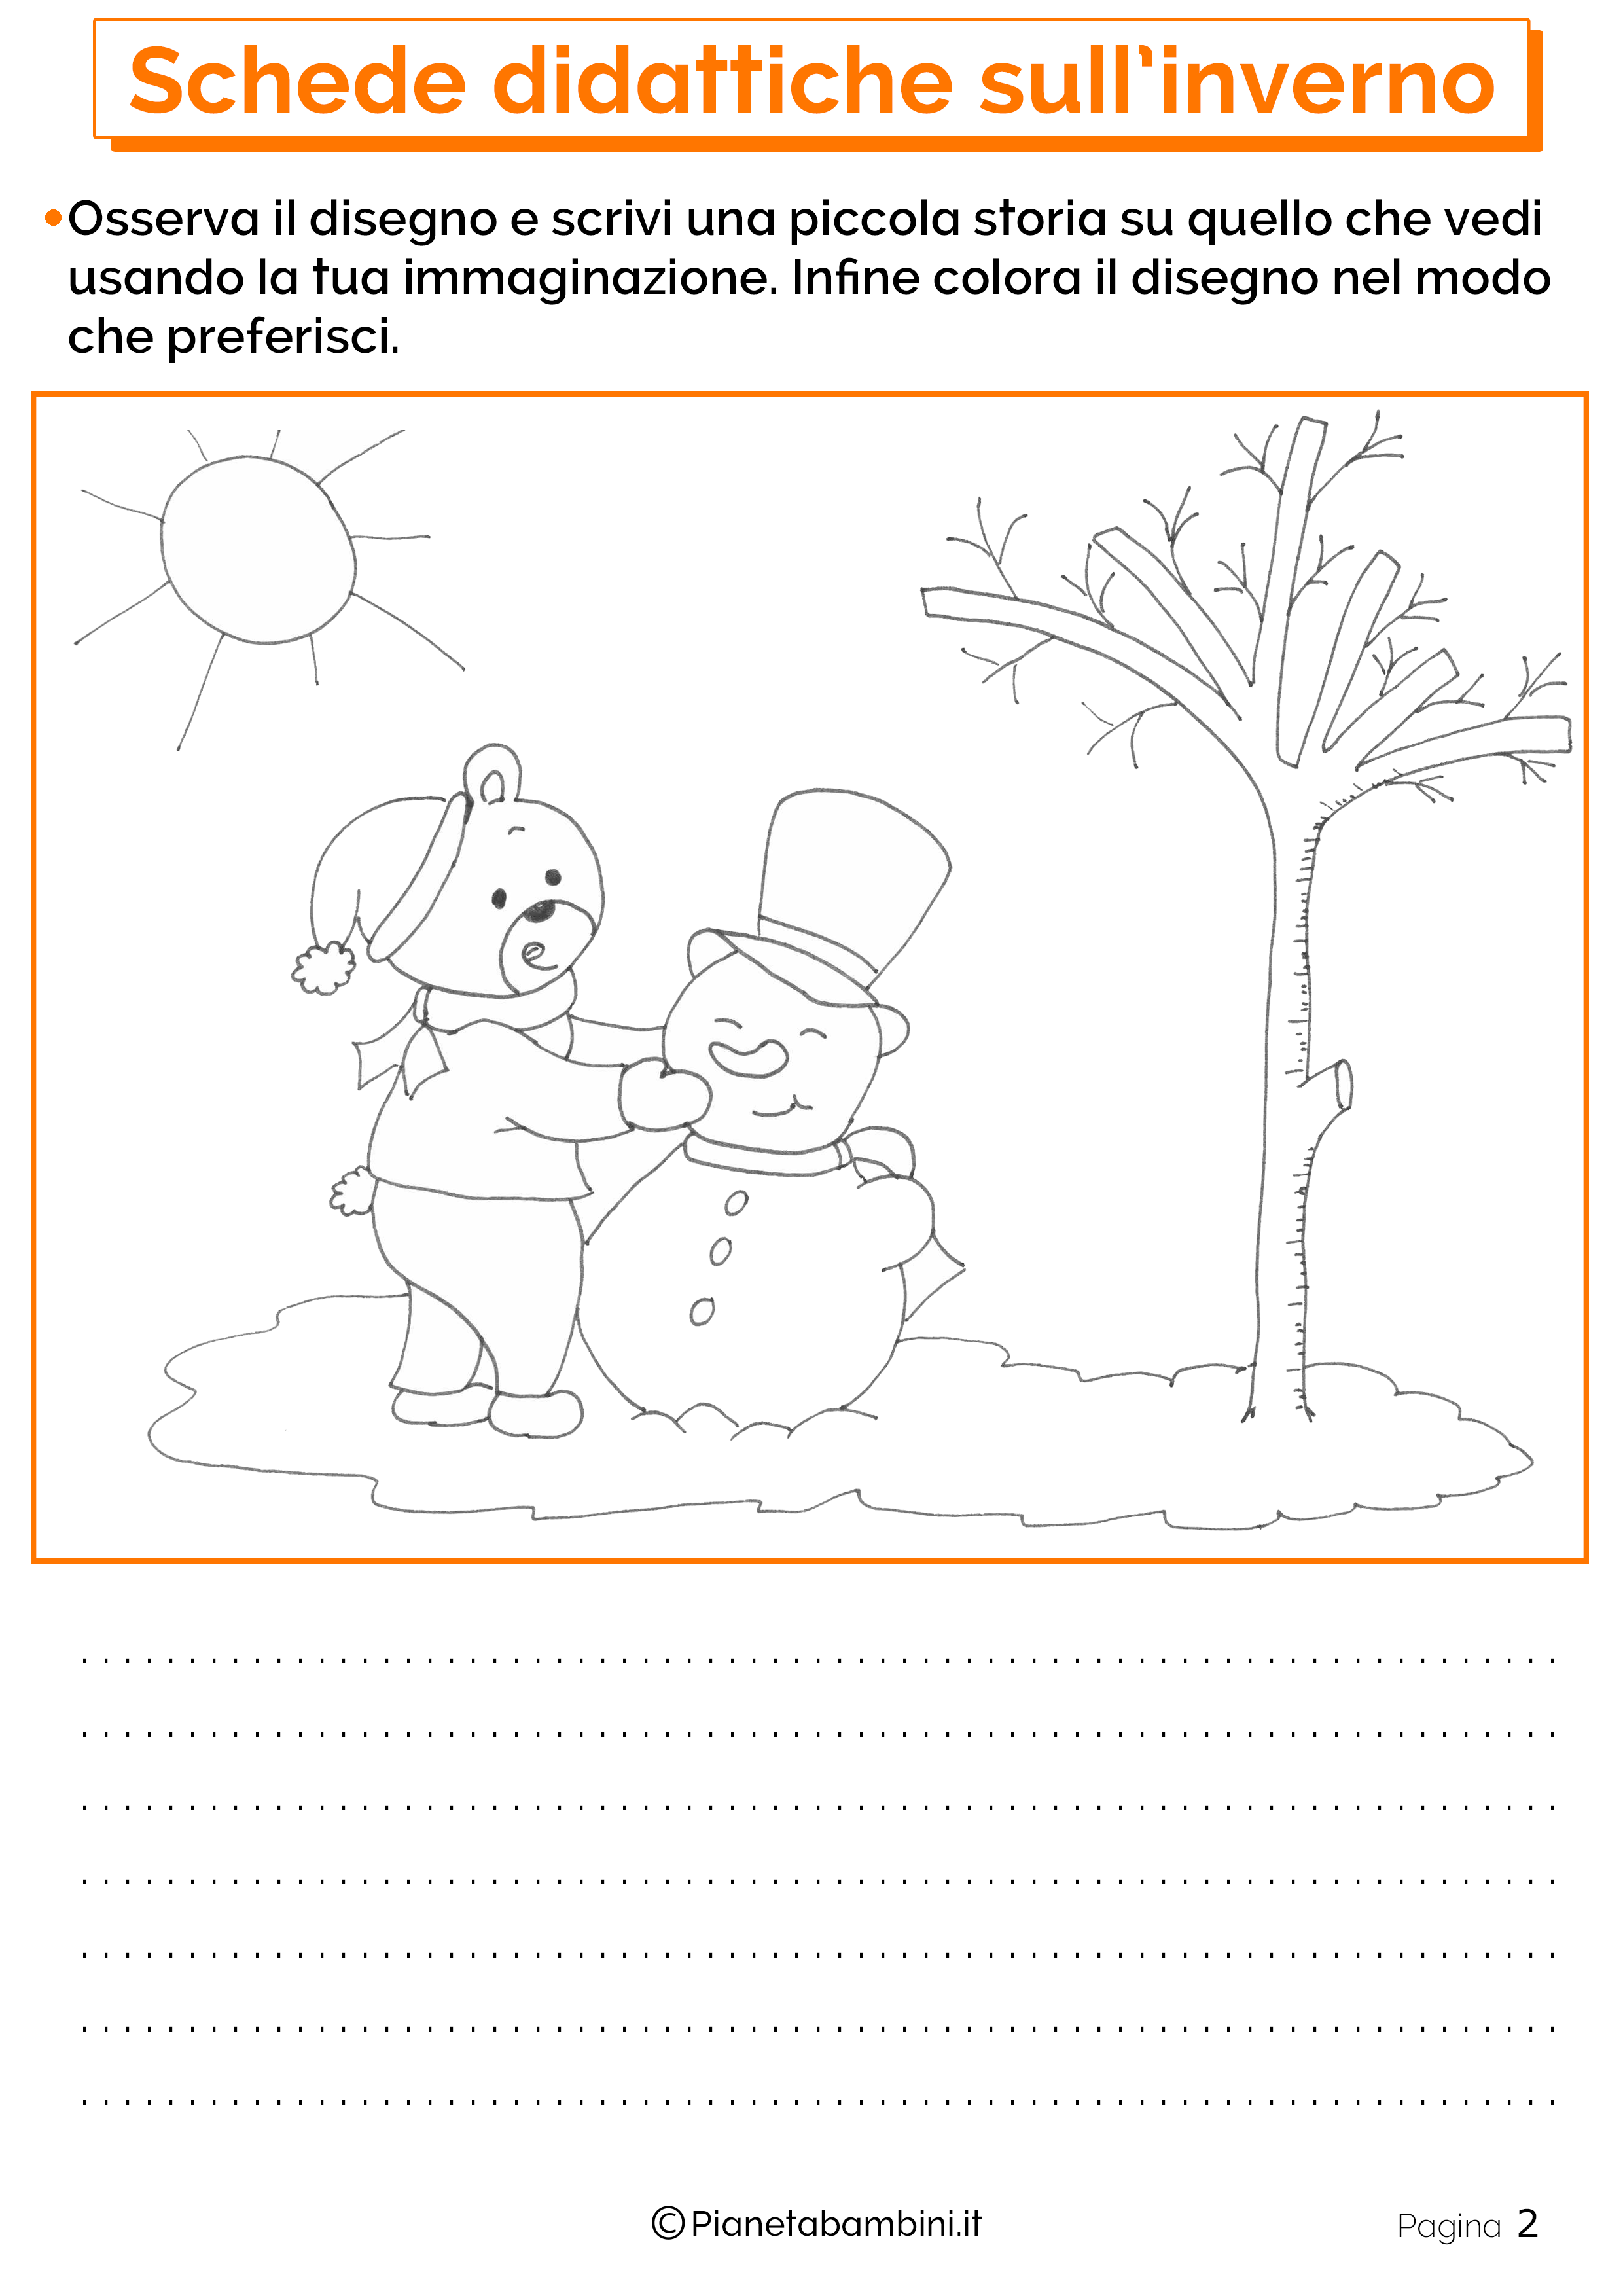 Esercizi sull'inverno per la scuola primaria 2